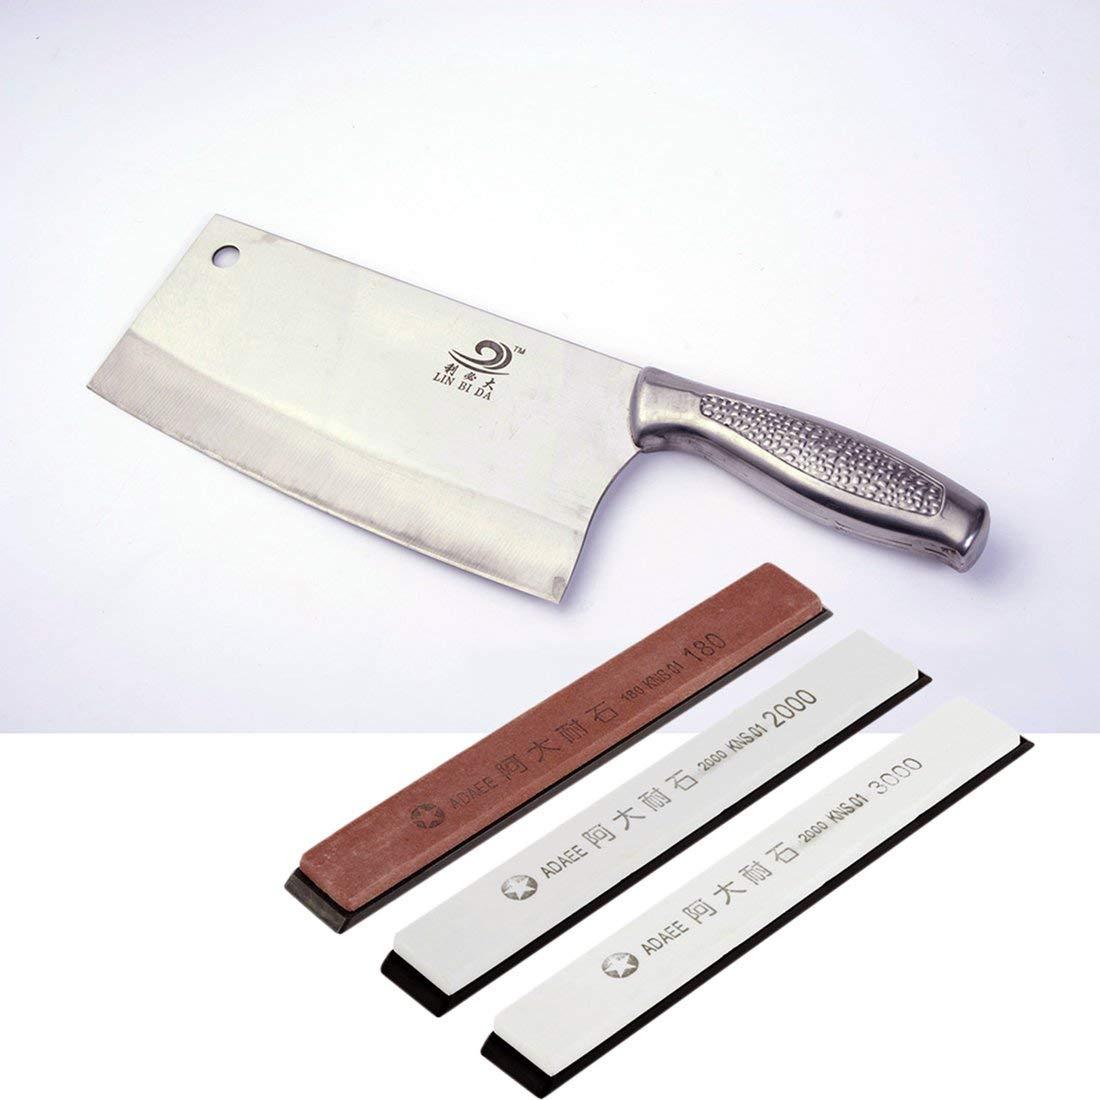 Promoci/ón Sale1pcs Piedras Afiladoras Profesionales Cocina Comedor Afilador de cuchillos Abrader Resistencia abrasiva fuerte